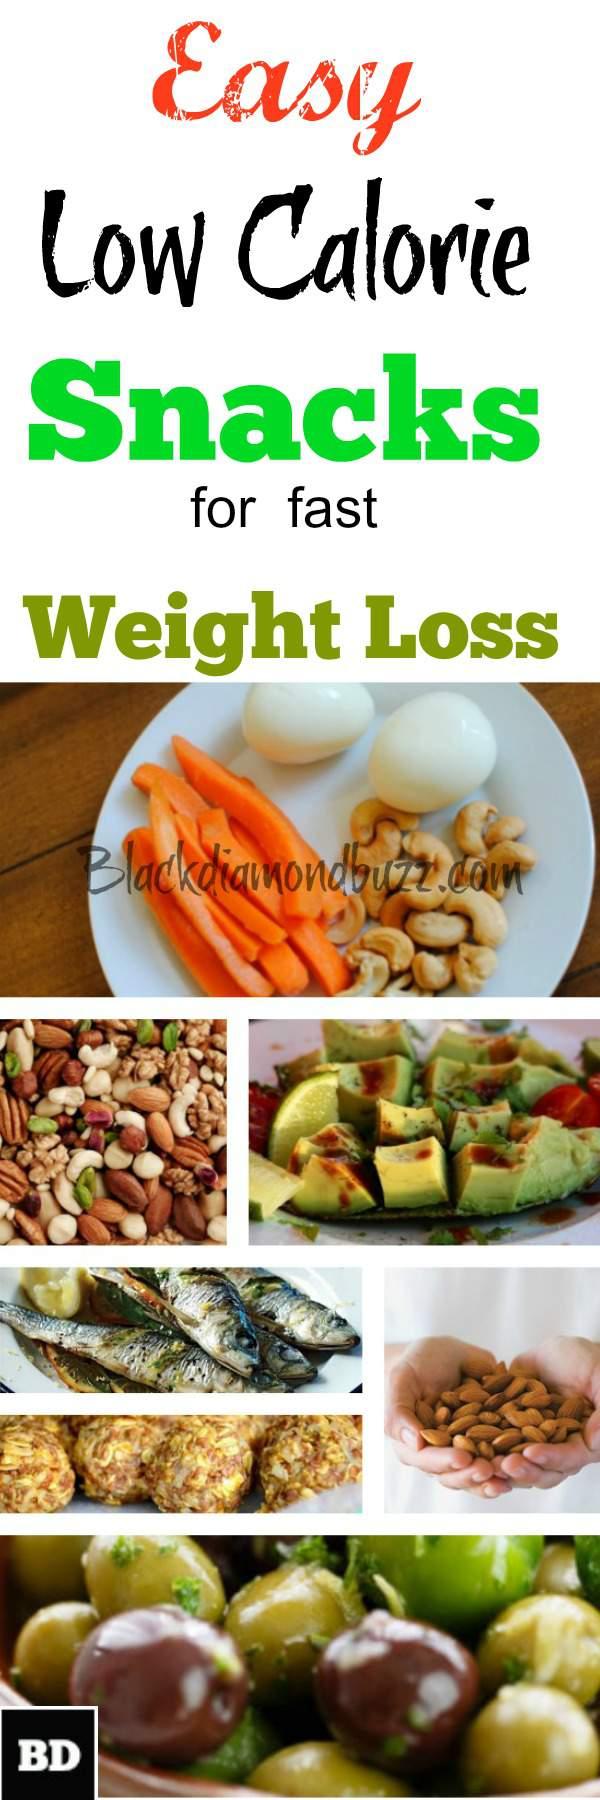 Lose weight swiss ball